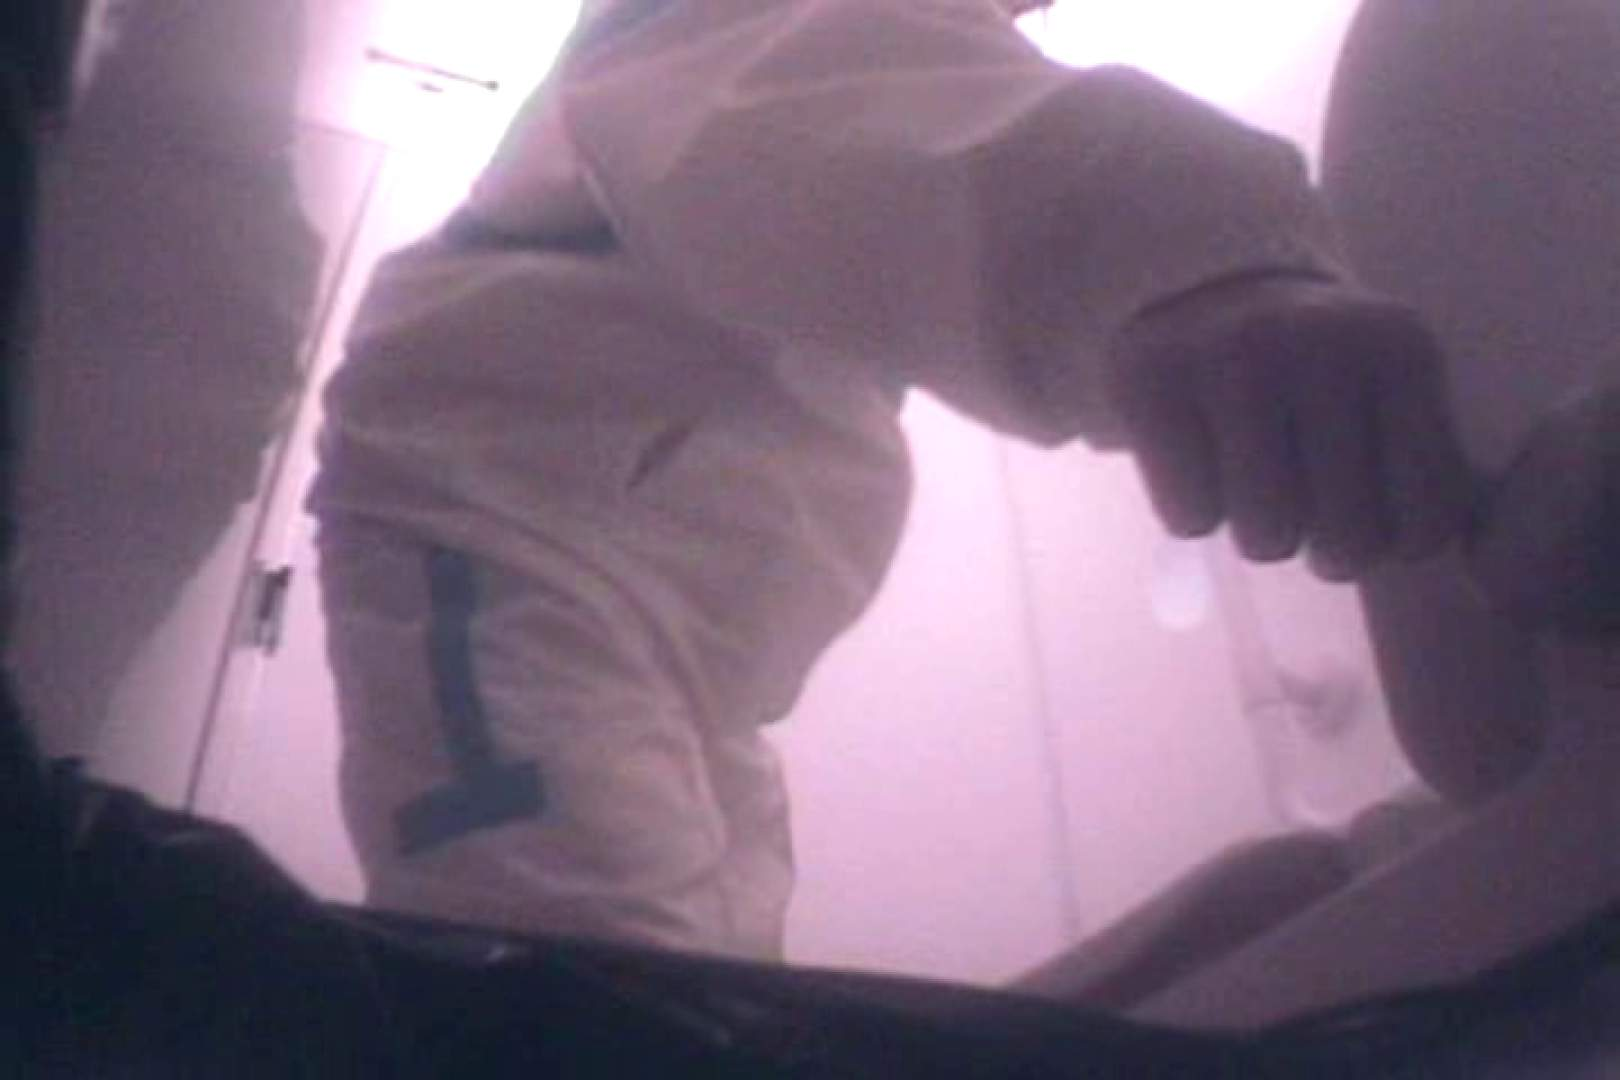 陸上部洗面所Vol.3 洗面所はめどり オマンコ動画キャプチャ 99画像 78